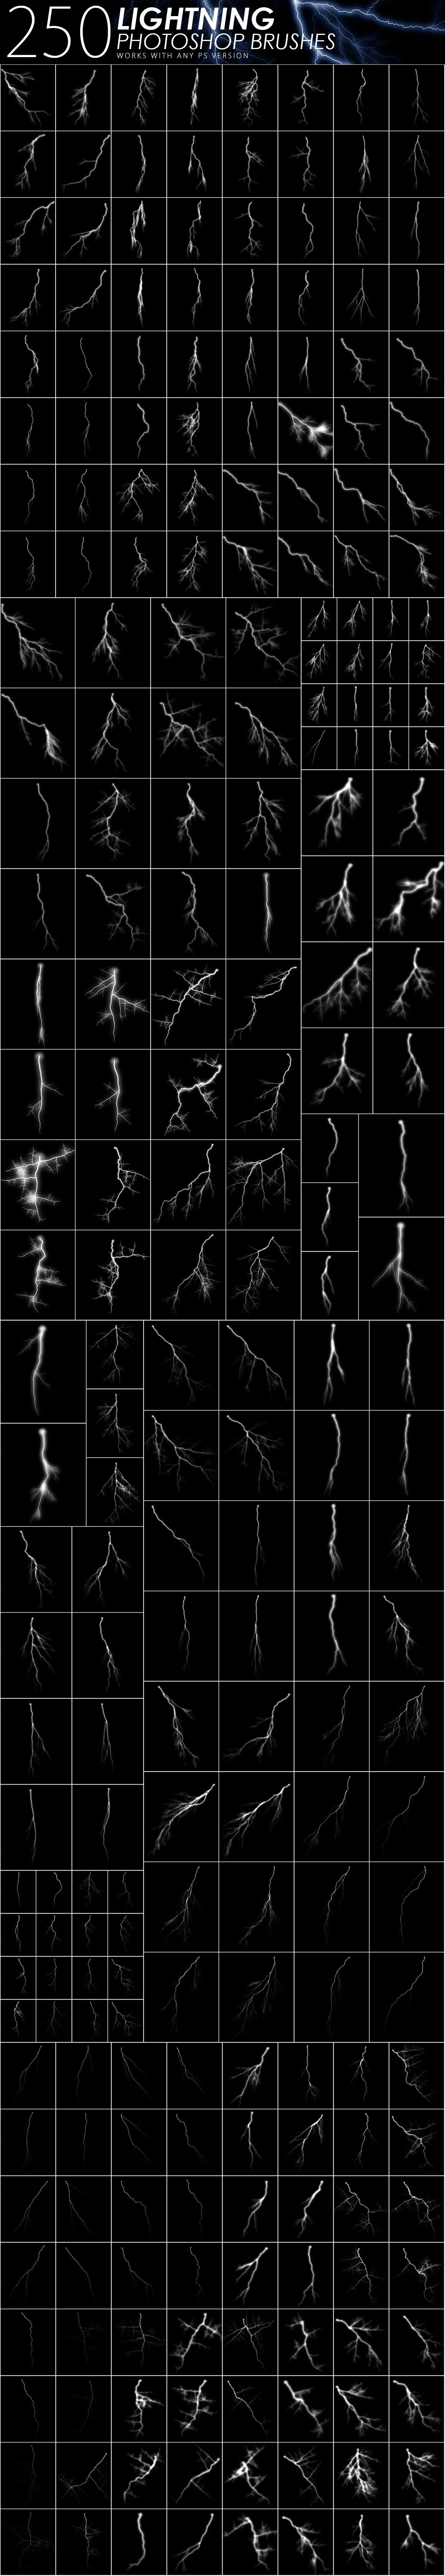 1505 Visual Effect Photoshop Brushes